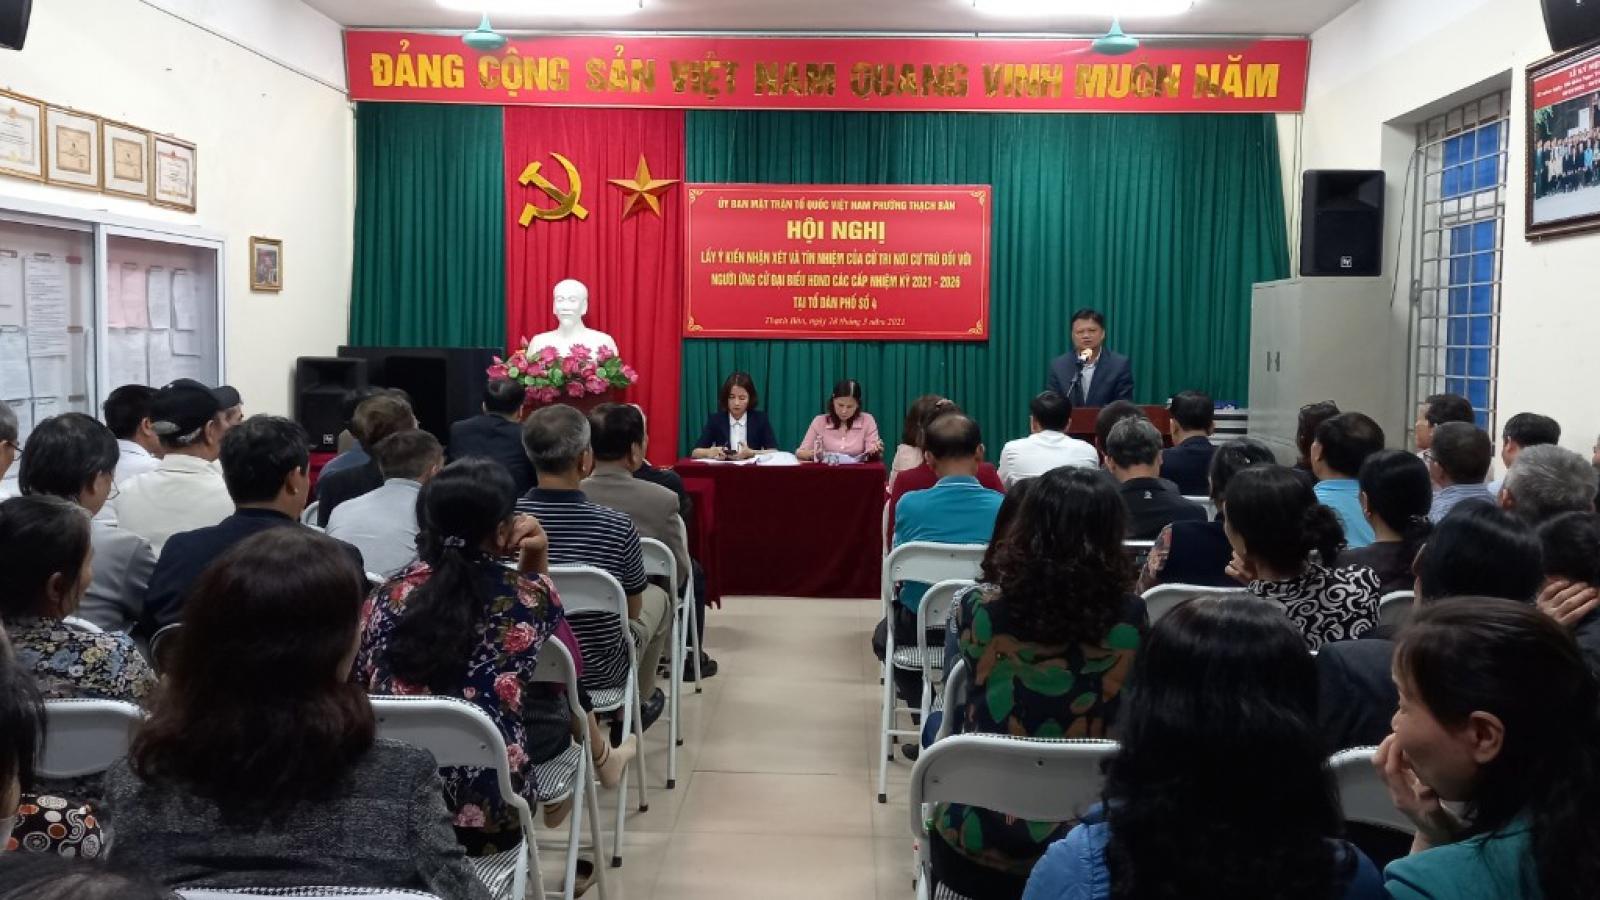 Hà Nội hoàn thành lấy ý kiến cử tri nơi cư trú với người ứng cử đại biểu Quốc hội, HĐND